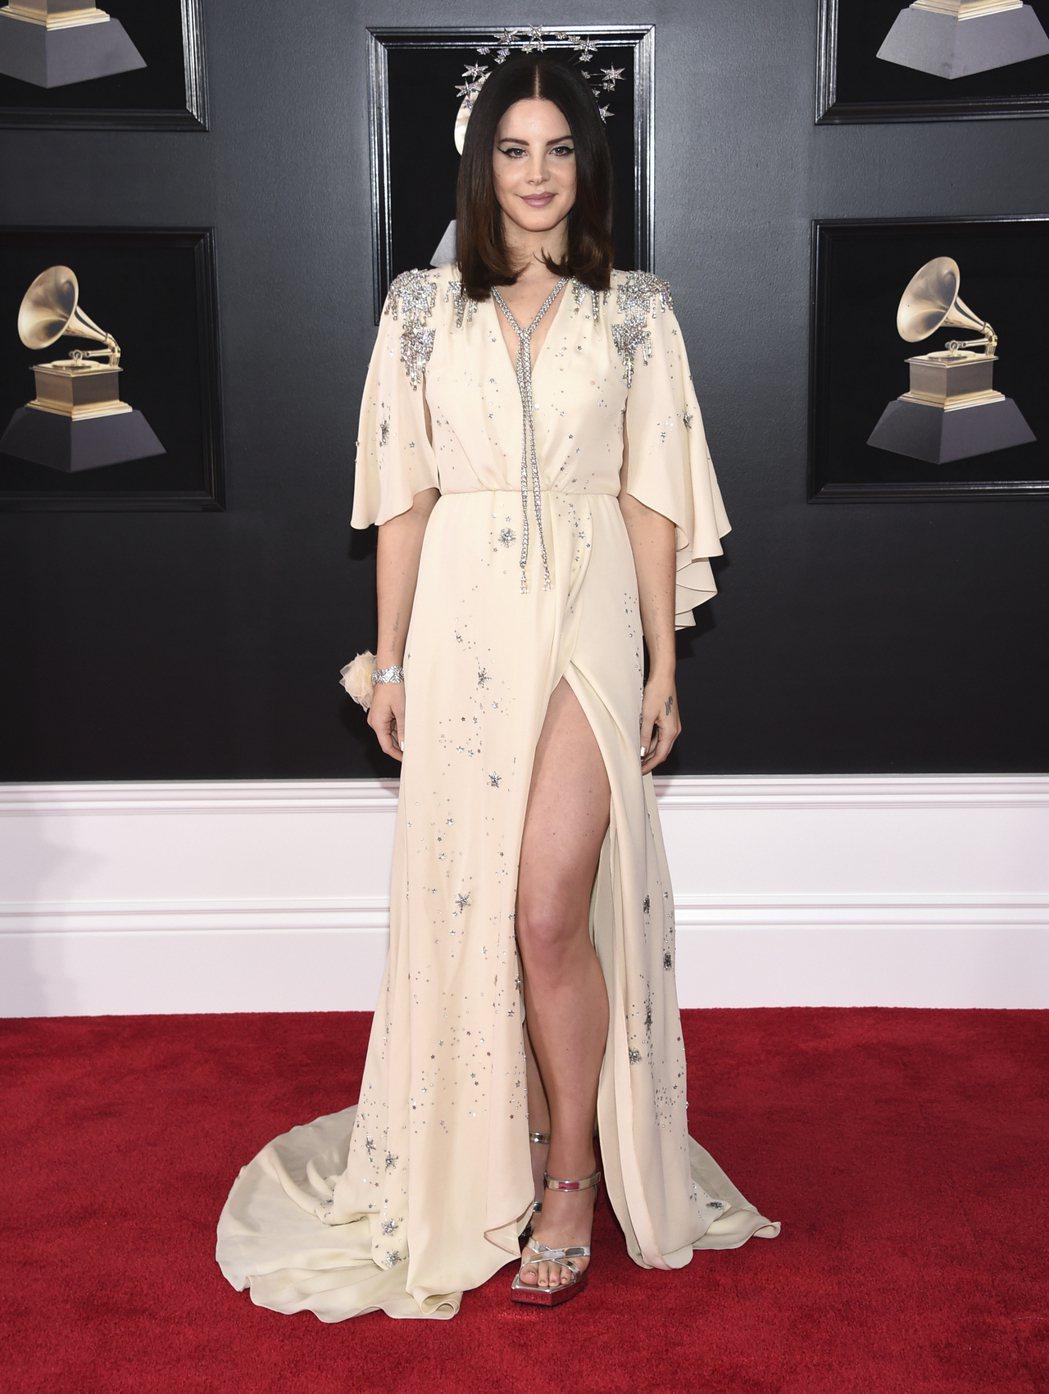 拉娜德芮同樣大秀美腿,以Gucci七○年代復古風的寶石裝飾禮服登場。圖/美聯社